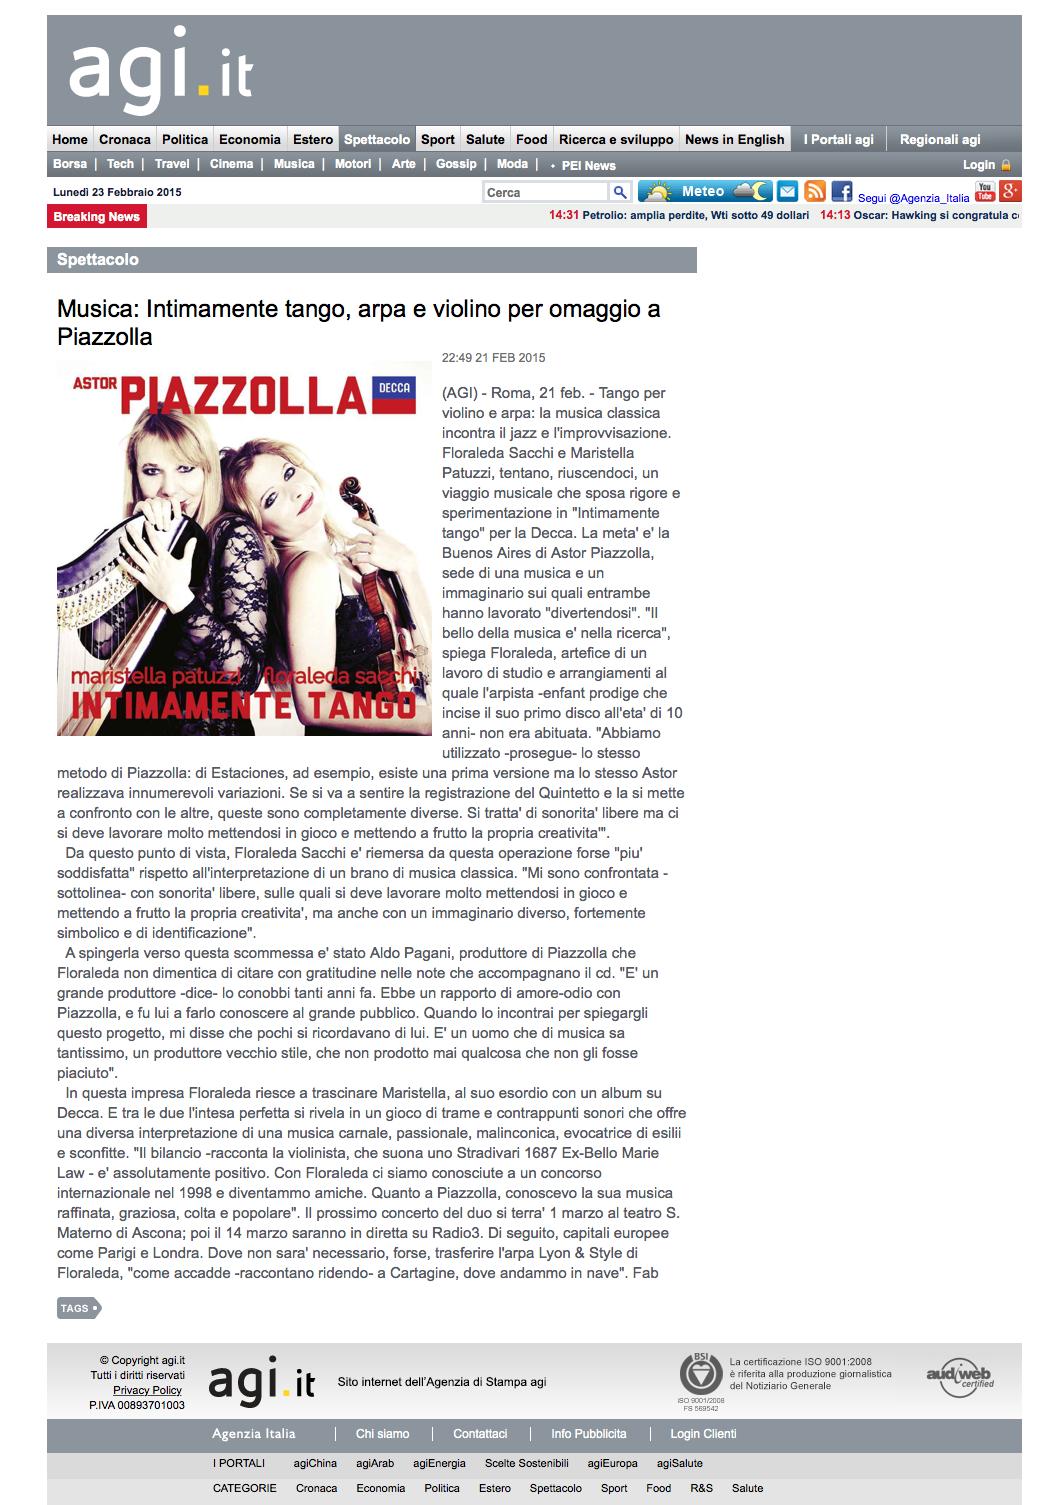 """(AGI) - Roma, 21 feb. - Tango per violino e arpa: la musica classica incontra il jazz e l'improvvisazione. Floraleda Sacchi e Maristella Patuzzi, tentano, riuscendoci, un viaggio musicale che sposa rigore e sperimentazione in """"Intimamente tango"""" per la Decca. La meta' e' la Buenos Aires di Astor Piazzolla, sede di una musica e un immaginario sui quali entrambe hanno lavorato """"divertendosi"""". """"Il bello della musica e' nella ricerca"""", spiega Floraleda, artefice di un lavoro di studio e arrangiamenti al quale l'arpista -enfant prodige che incise il suo primo disco all'eta' di 10 anni- non era abituata. """"Abbiamo utilizzato -prosegue- lo stesso metodo di Piazzolla: di Estaciones, ad esempio, esiste una prima versione ma lo stesso Astor realizzava innumerevoli variazioni. Se si va a sentire la registrazione del Quintetto e la si mette a confronto con le altre, queste sono completamente diverse. Si tratta' di sonorita' libere ma ci si deve lavorare molto mettendosi in gioco e mettendo a frutto la propria creativita'"""".   Da questo punto di vista, Floraleda Sacchi e' riemersa da questa operazione forse """"piu' soddisfatta"""" rispetto all'interpretazione di un brano di musica classica. """"Mi sono confrontata -sottolinea- con sonorita' libere, sulle quali si deve lavorare molto mettendosi in gioco e mettendo a frutto la propria creativita', ma anche con un immaginario diverso, fortemente simbolico e di identificazione"""".   A spingerla verso questa scommessa e' stato Aldo Pagani, produttore di Piazzolla che Floraleda non dimentica di citare con gratitudine nelle note che accompagnano il cd. """"E' un grande produttore -dice- lo conobbi tanti anni fa. Ebbe un rapporto di amore-odio con Piazzolla, e fu lui a farlo conoscere al grande pubblico. Quando lo incontrai per spiegargli questo progetto, mi disse che pochi si ricordavano di lui. E' un uomo che di musica sa tantissimo, un produttore vecchio stile, che non prodotto mai qualcosa che non gli fosse piaciuto"""".   In questa impresa Floraleda"""